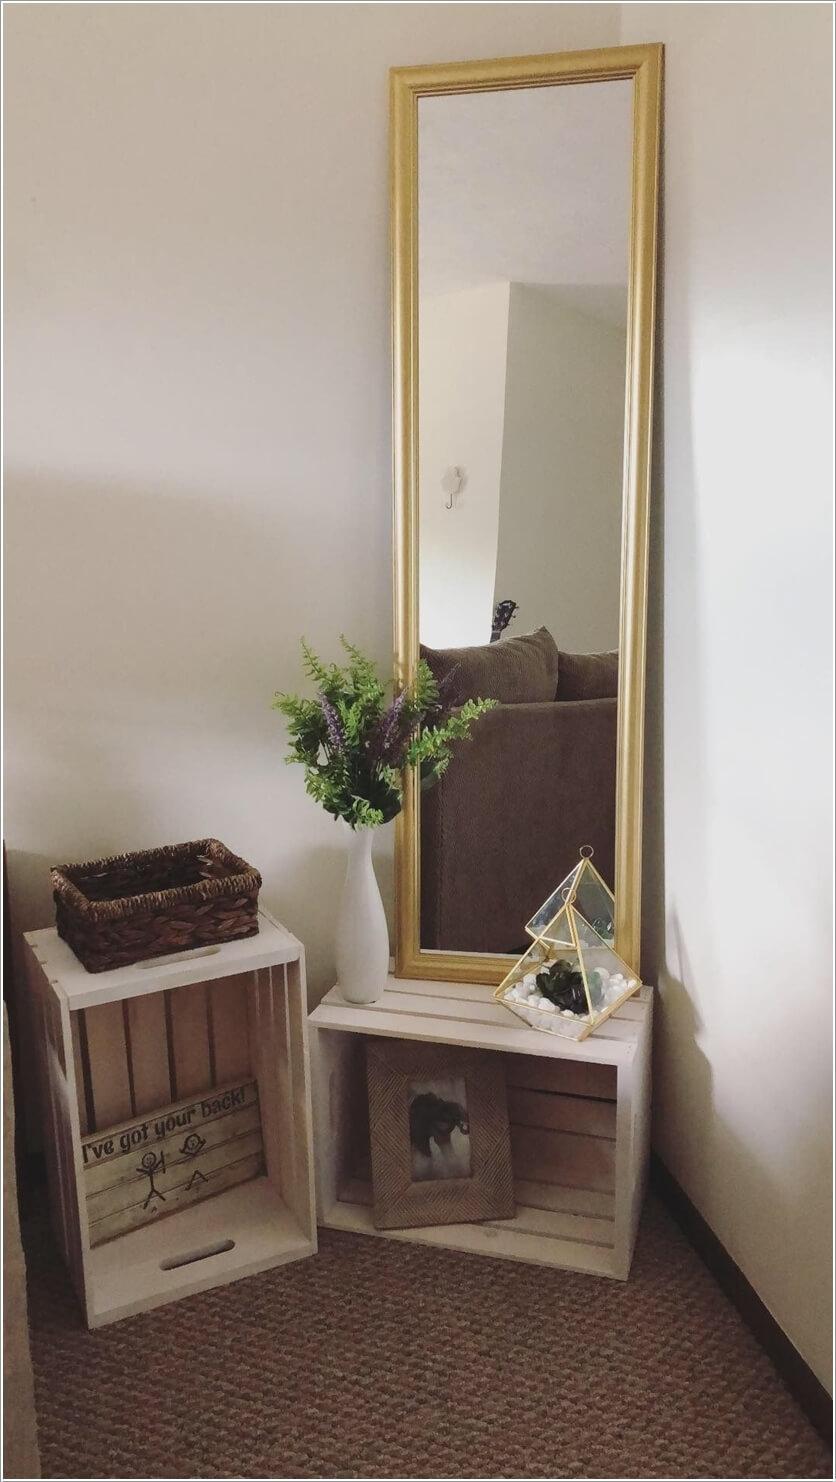 Ý tưởng trang trí căn hộ đơn giản và tiết kiệm